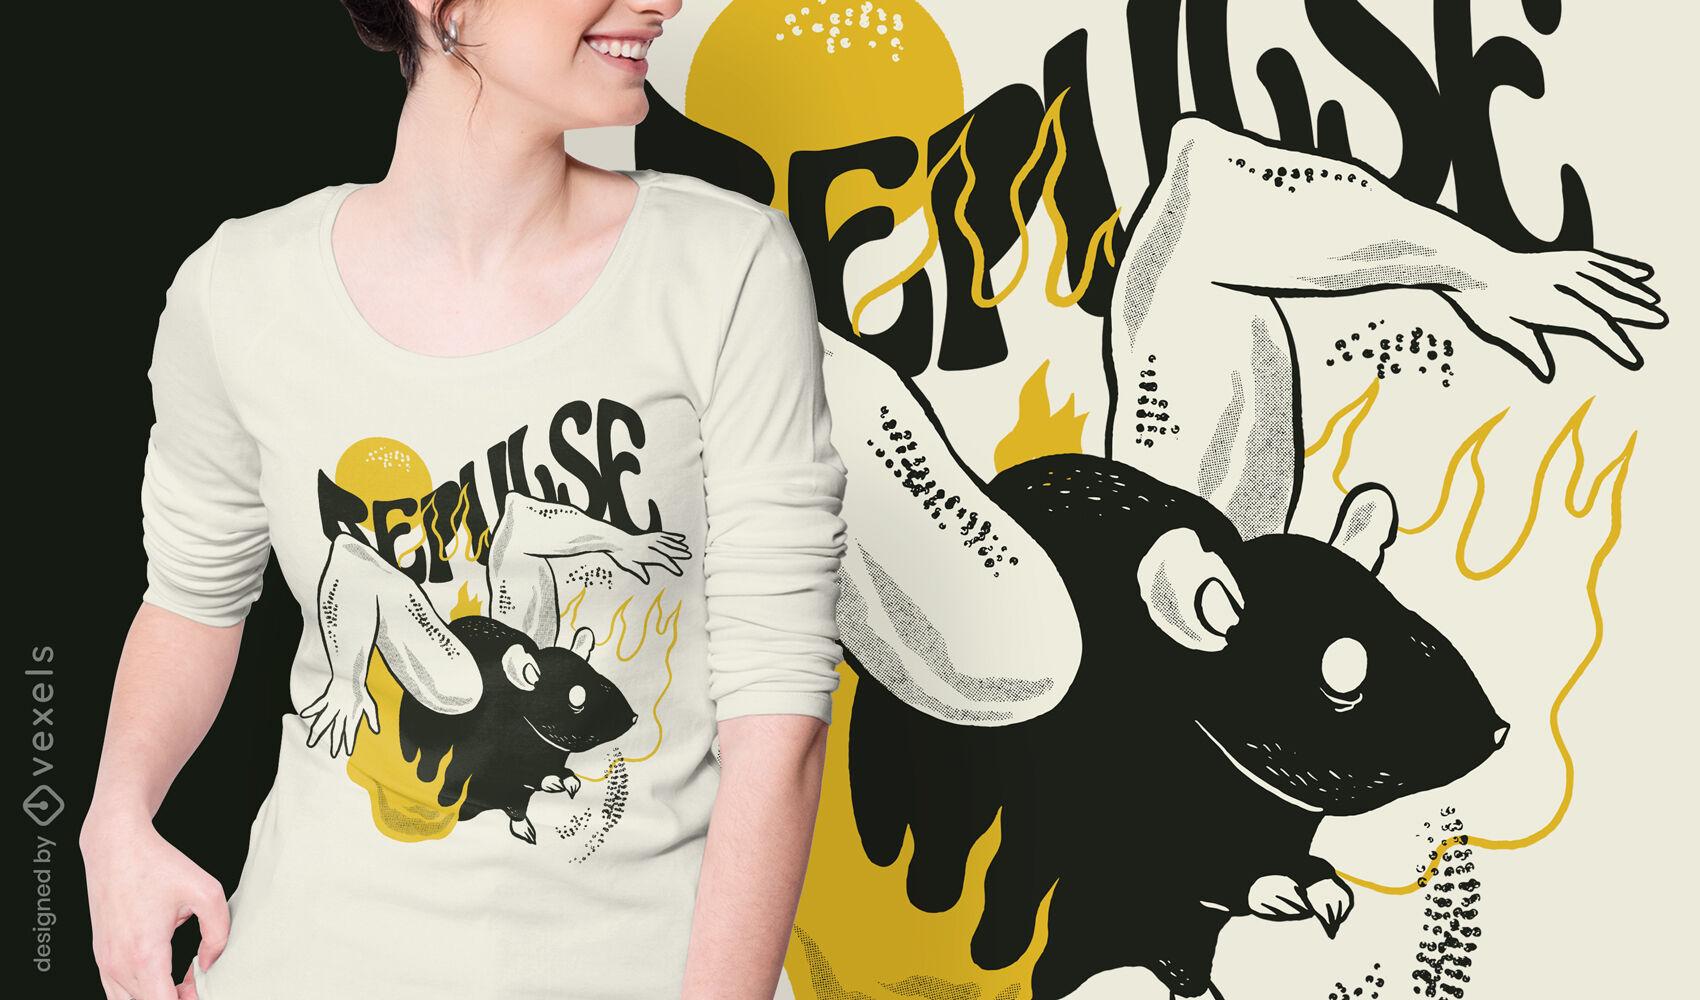 Diseño de camiseta de animal de cuerpo de rata extraño